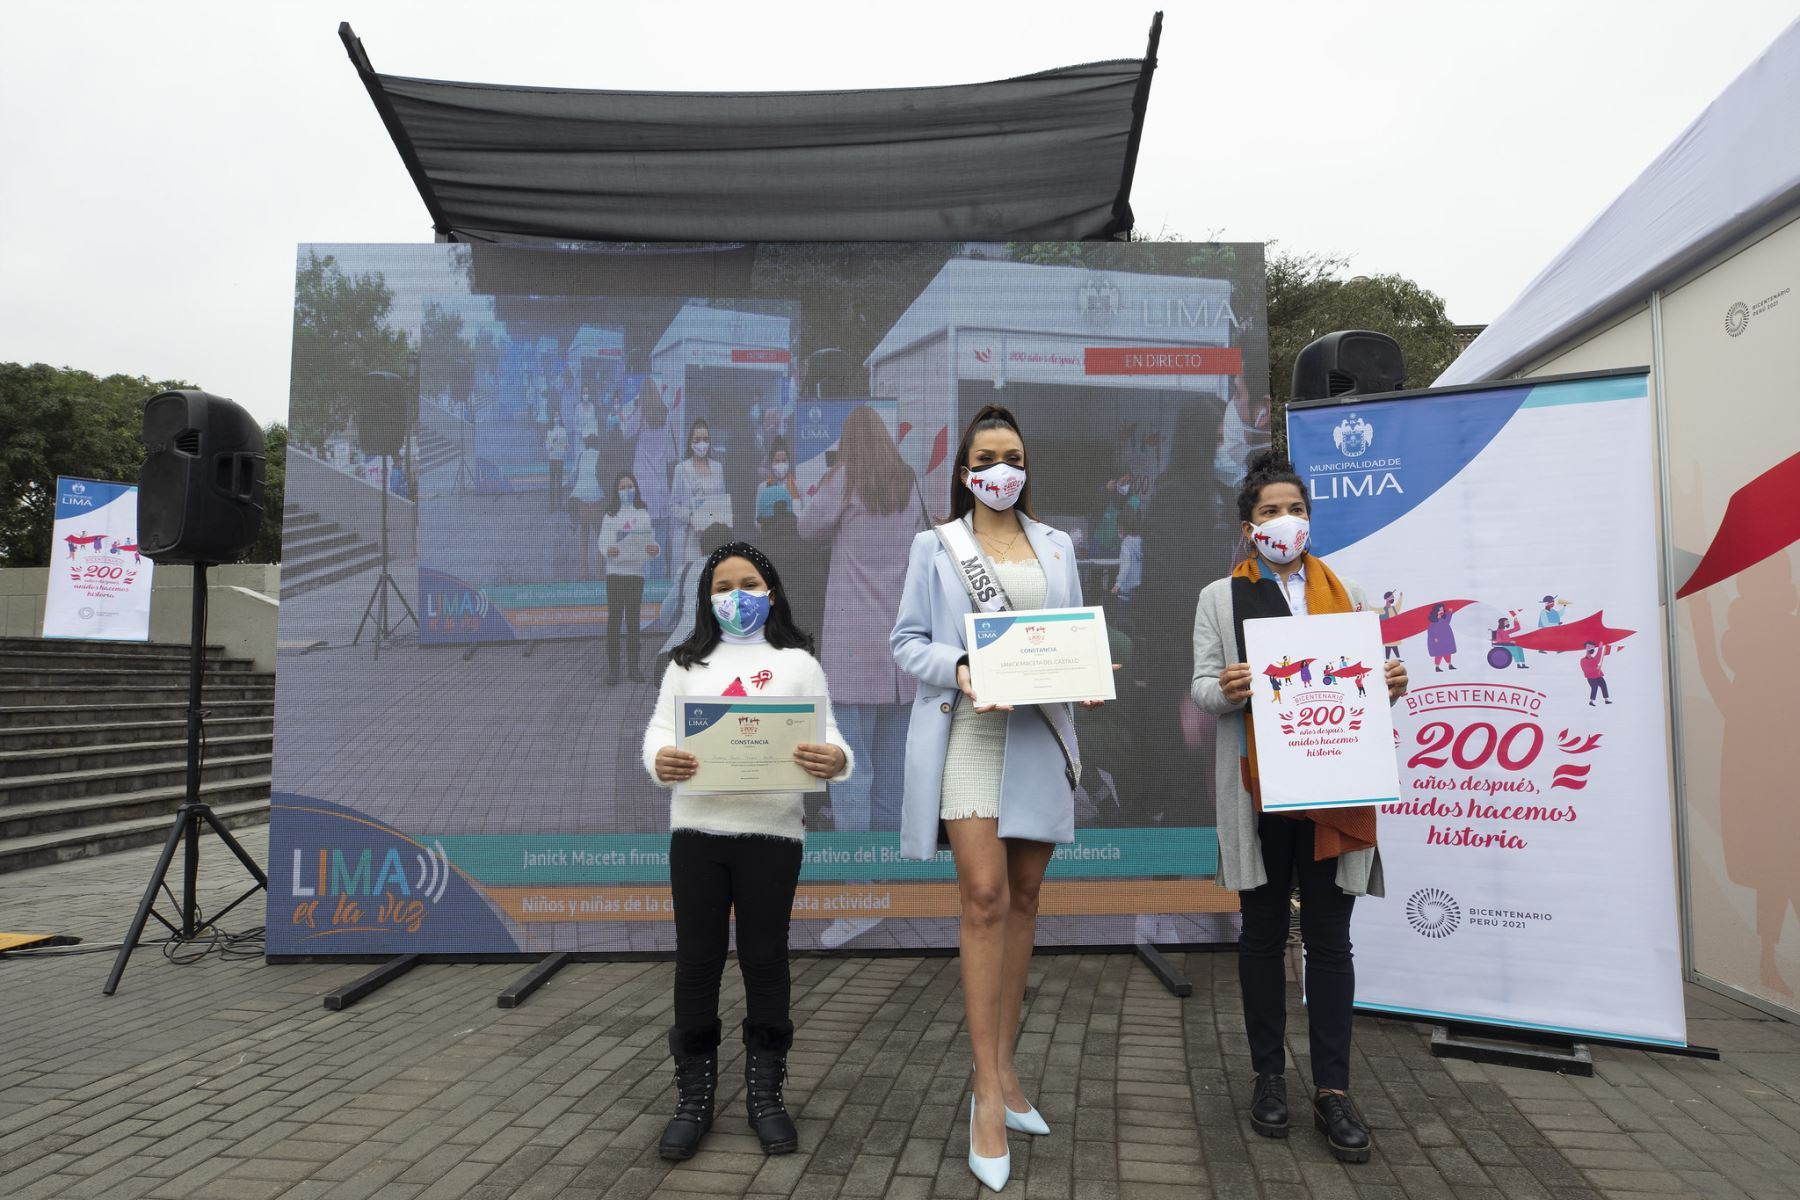 Miss Perú Janick Maceta y 200 niños firmaron libro conmemorativo por Bicentenario